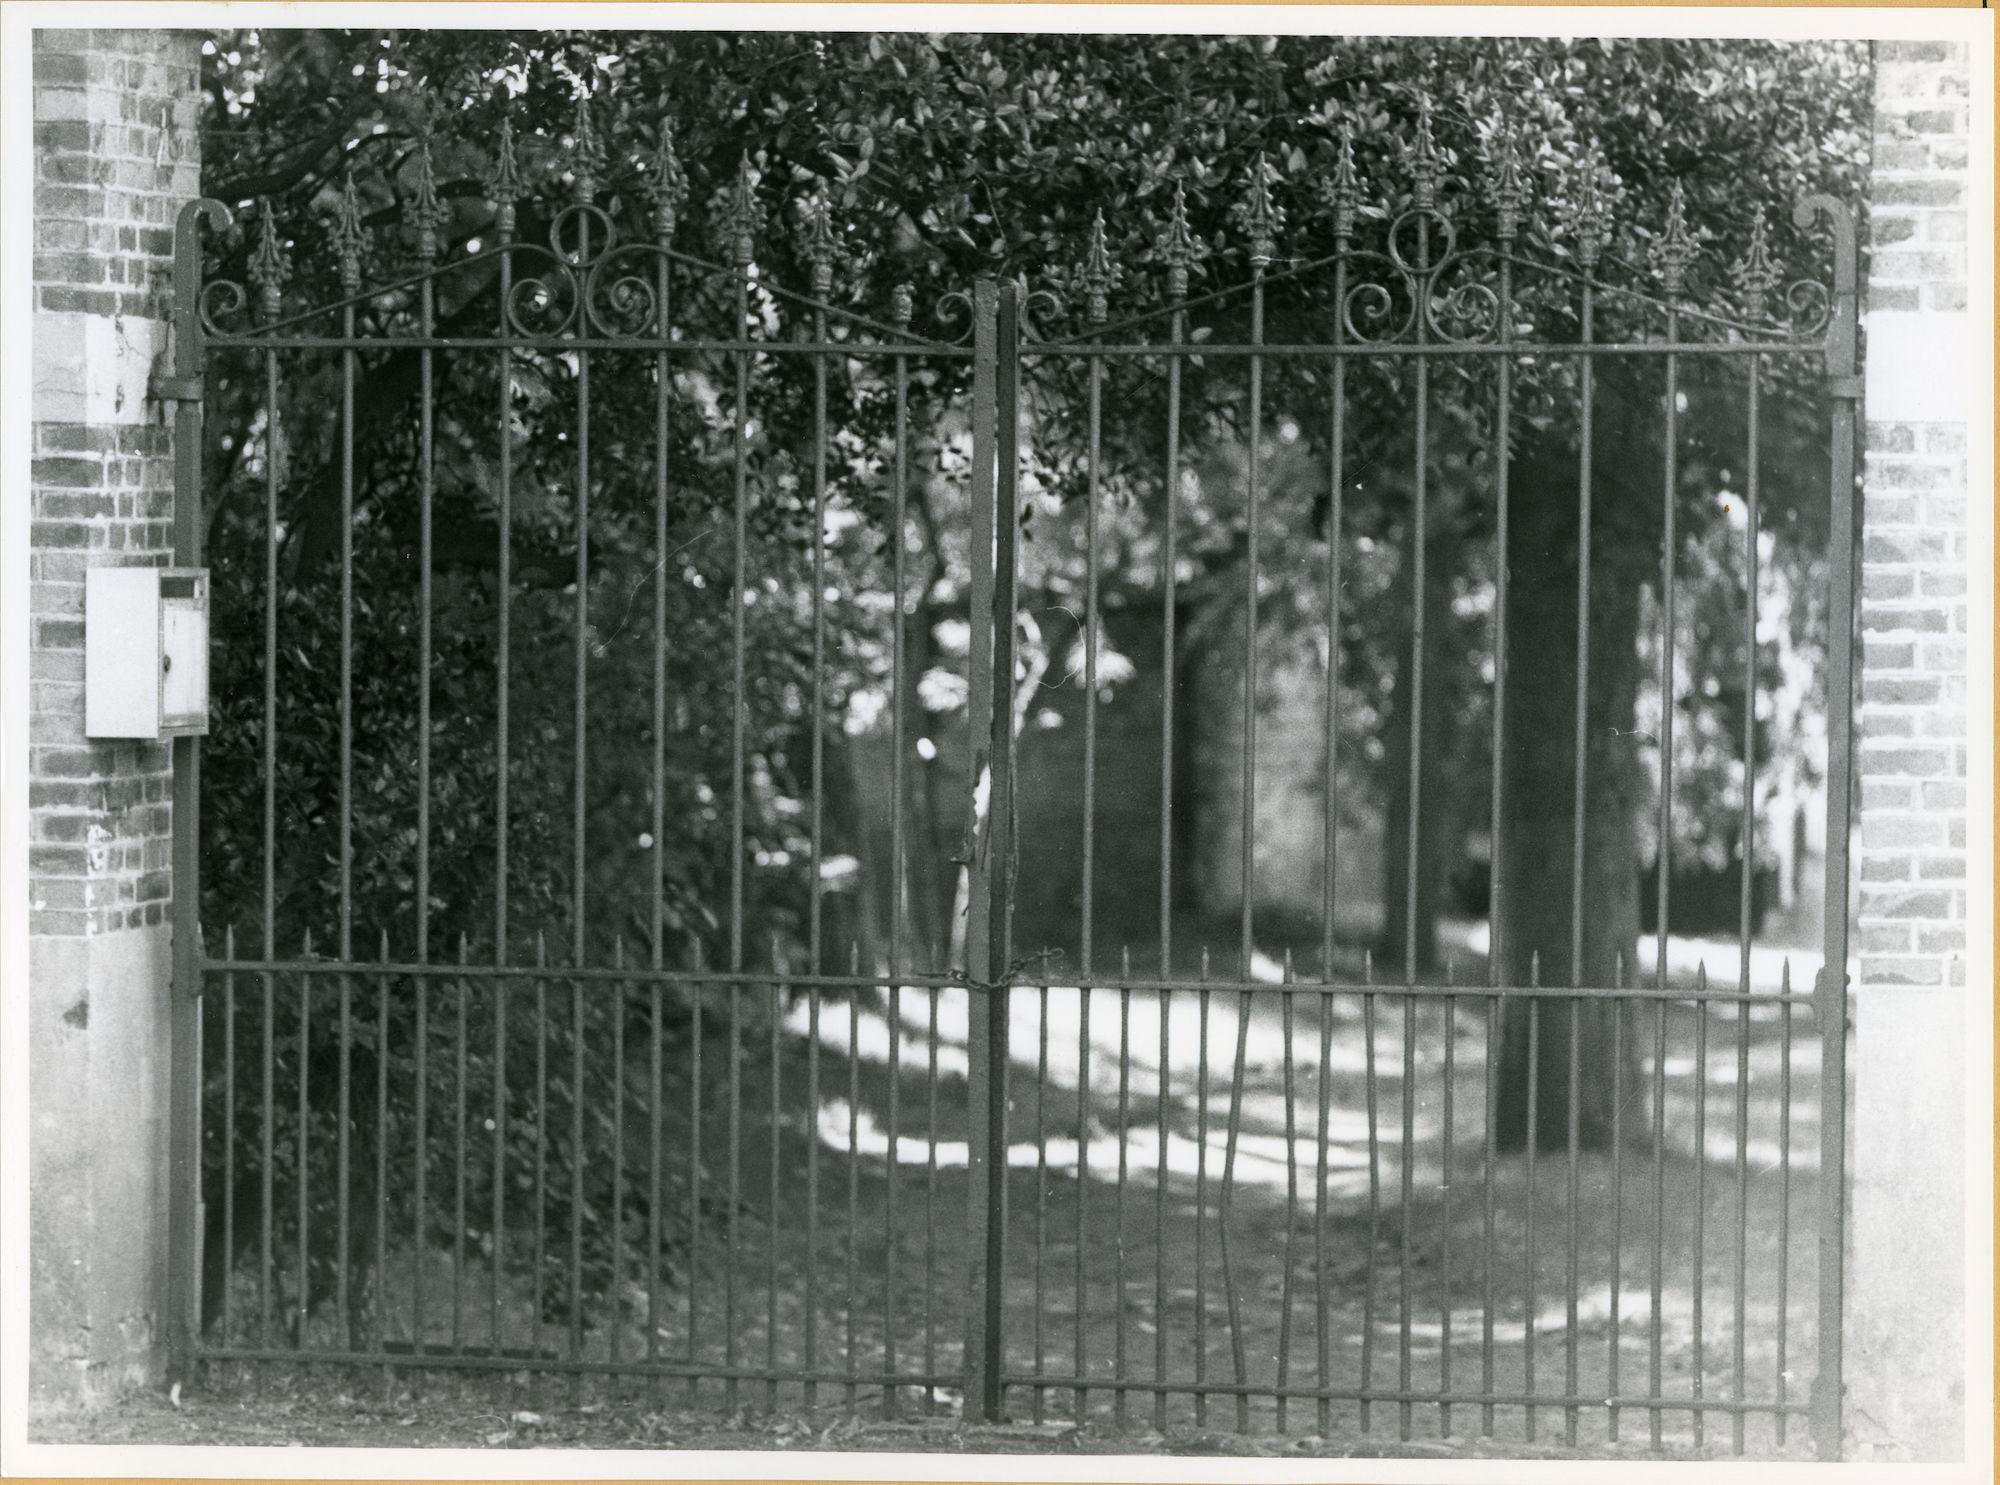 Gent: Patijntjesstraat 177: Hek, 1979